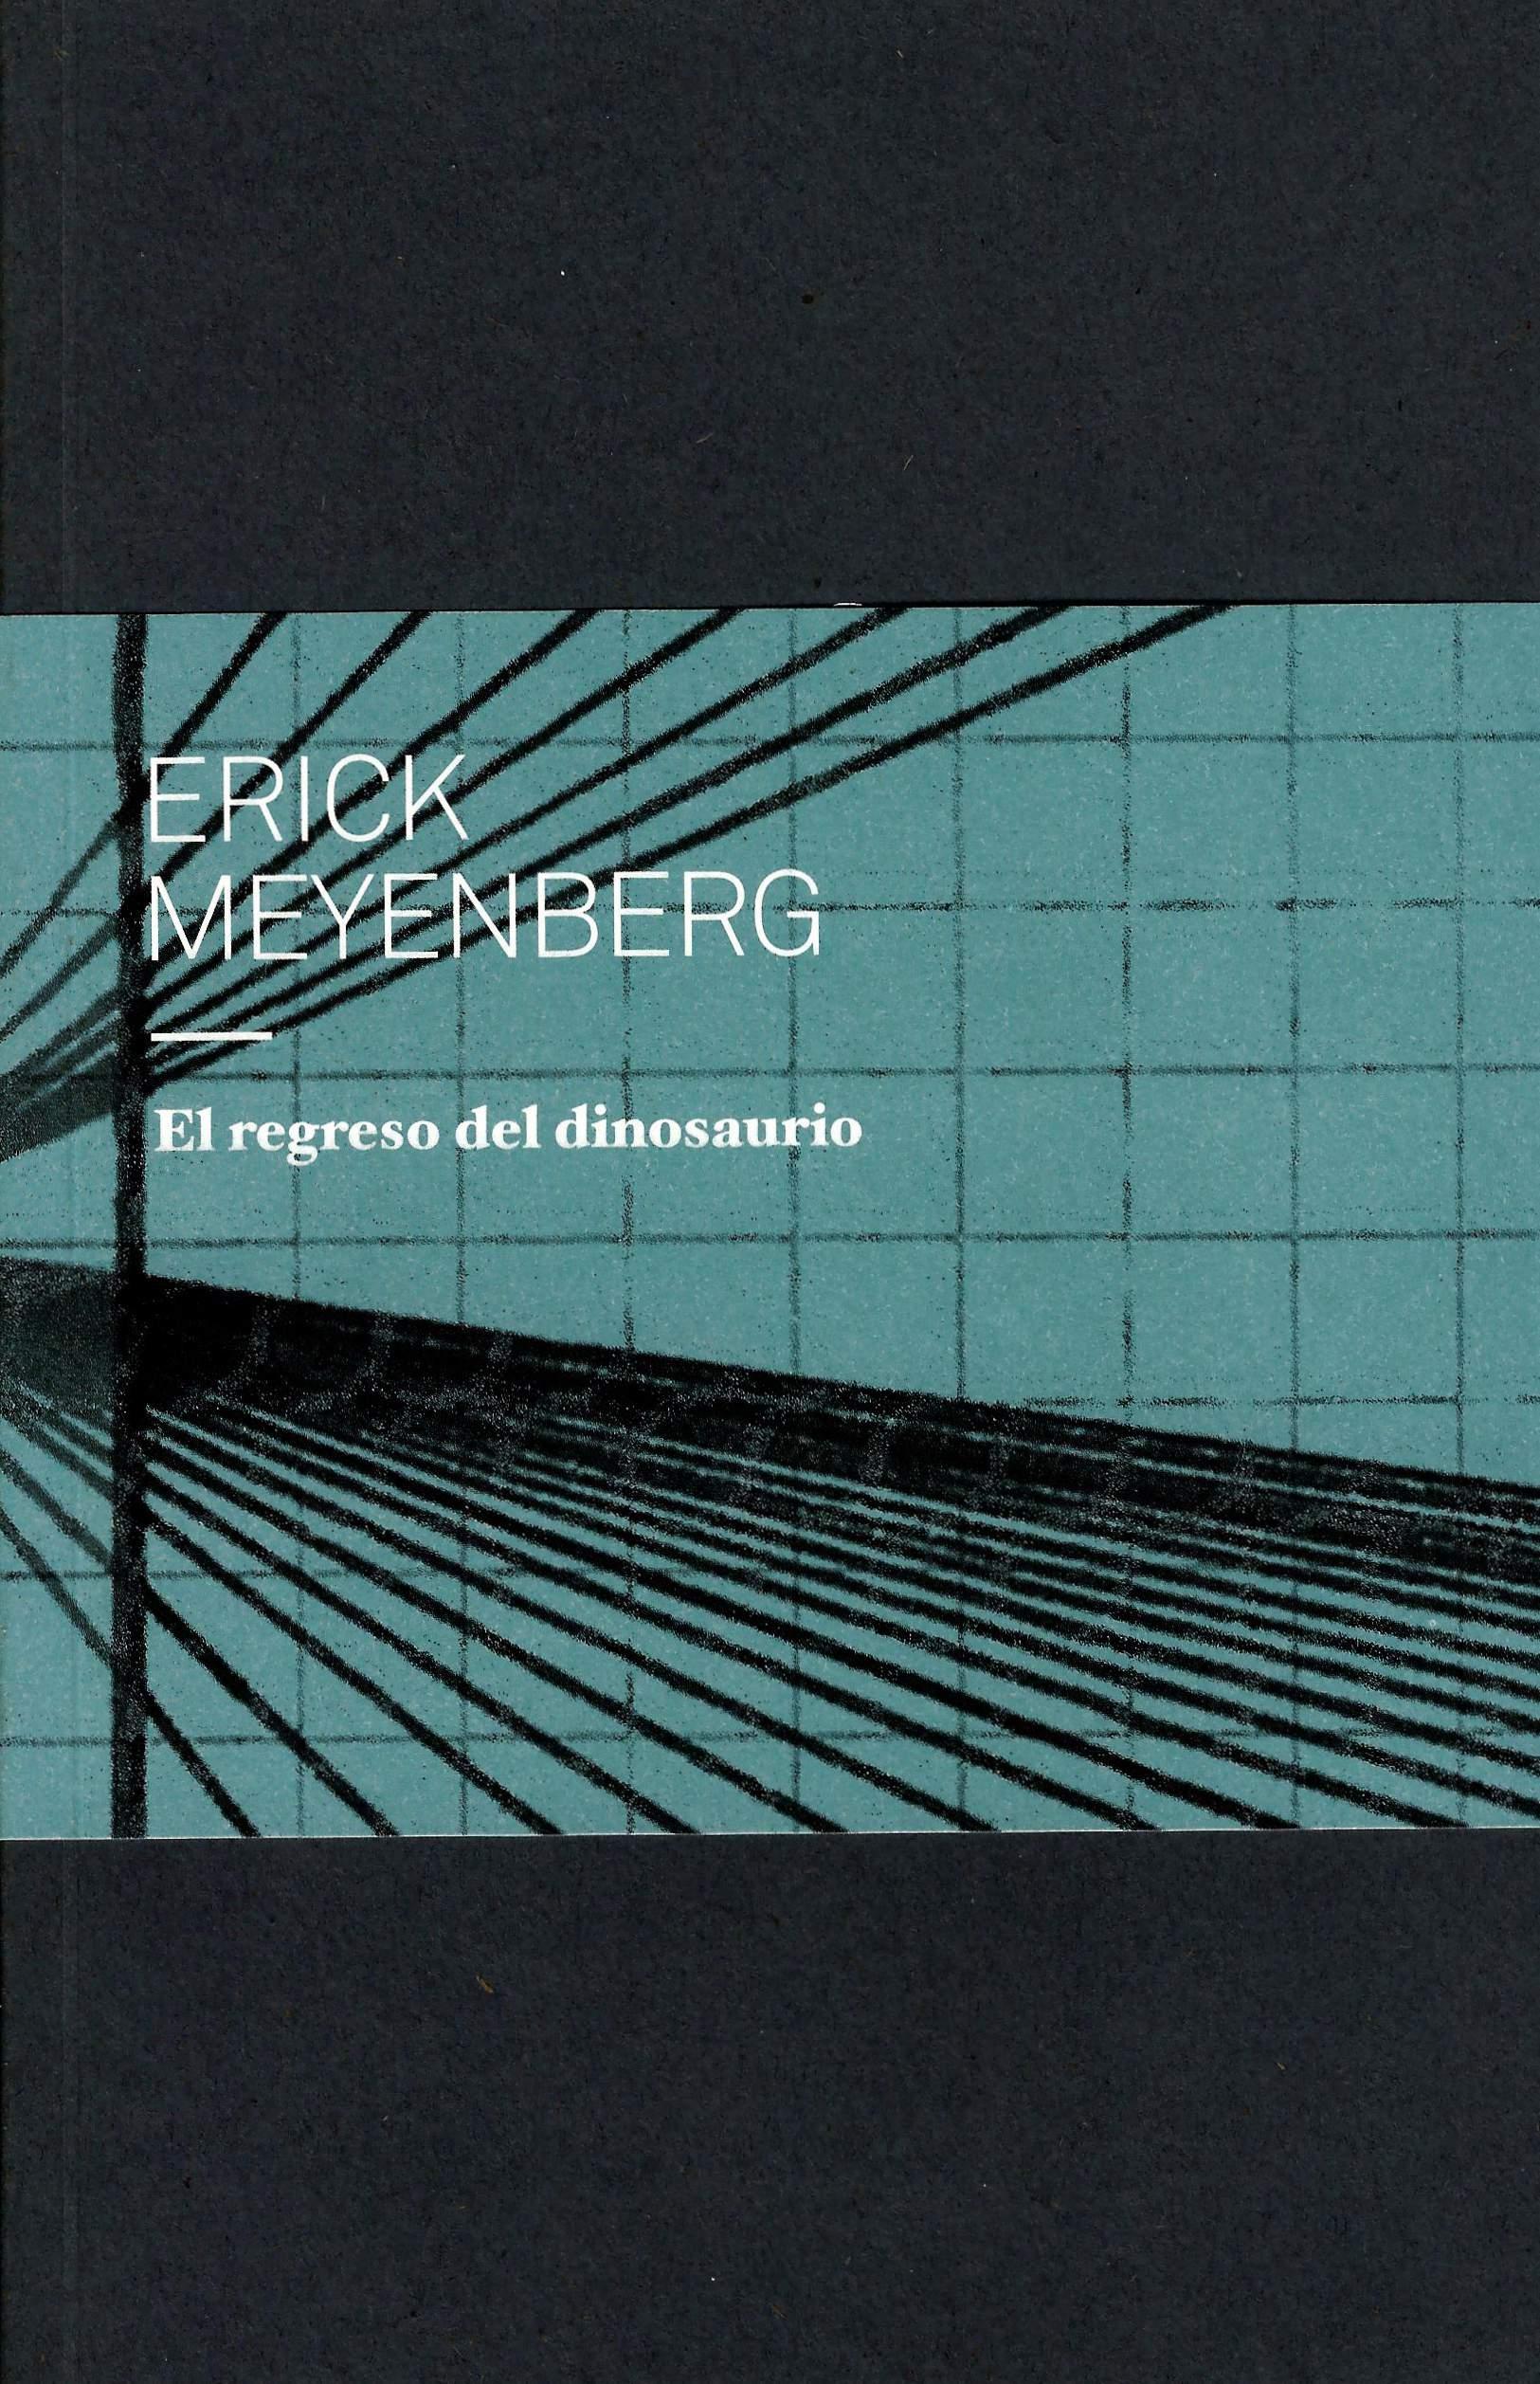 Erick Meyenberg. El regreso del dinosaurio